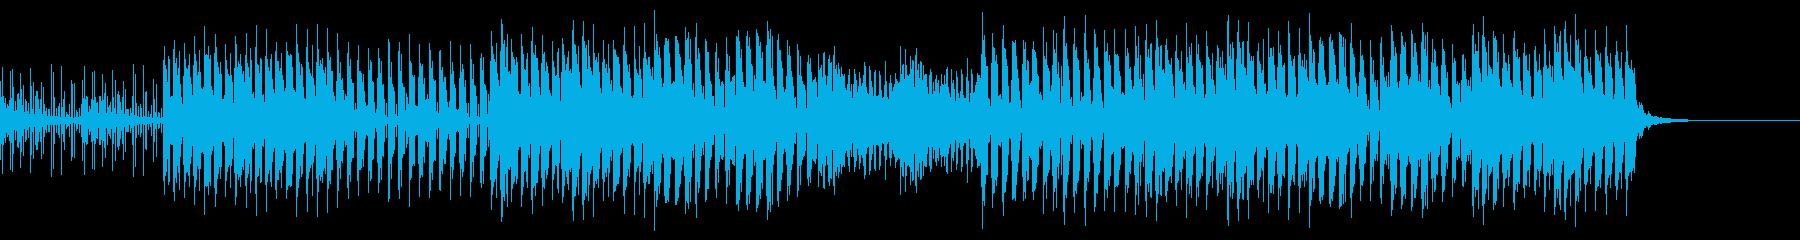 おしゃれ・キャッチー・EDMの再生済みの波形